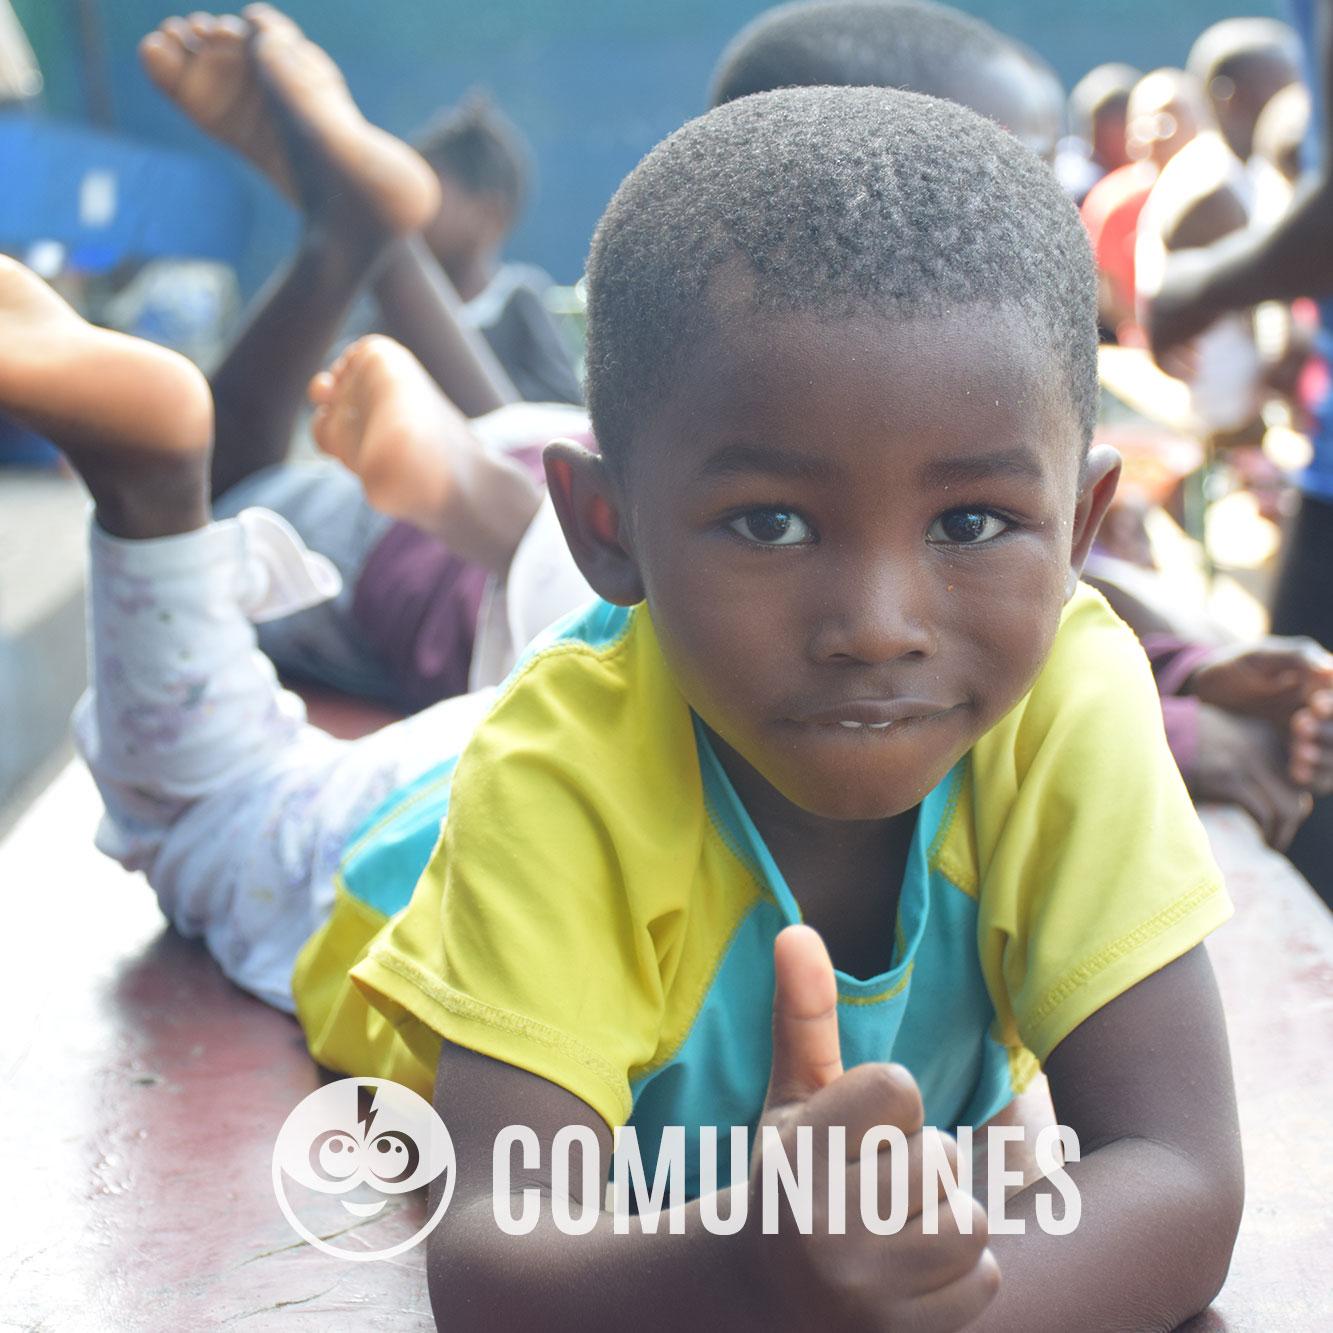 Tarjeta de Comuniones solidarias - Celebraciones solidarias y regalos solidarios - Child Heroes